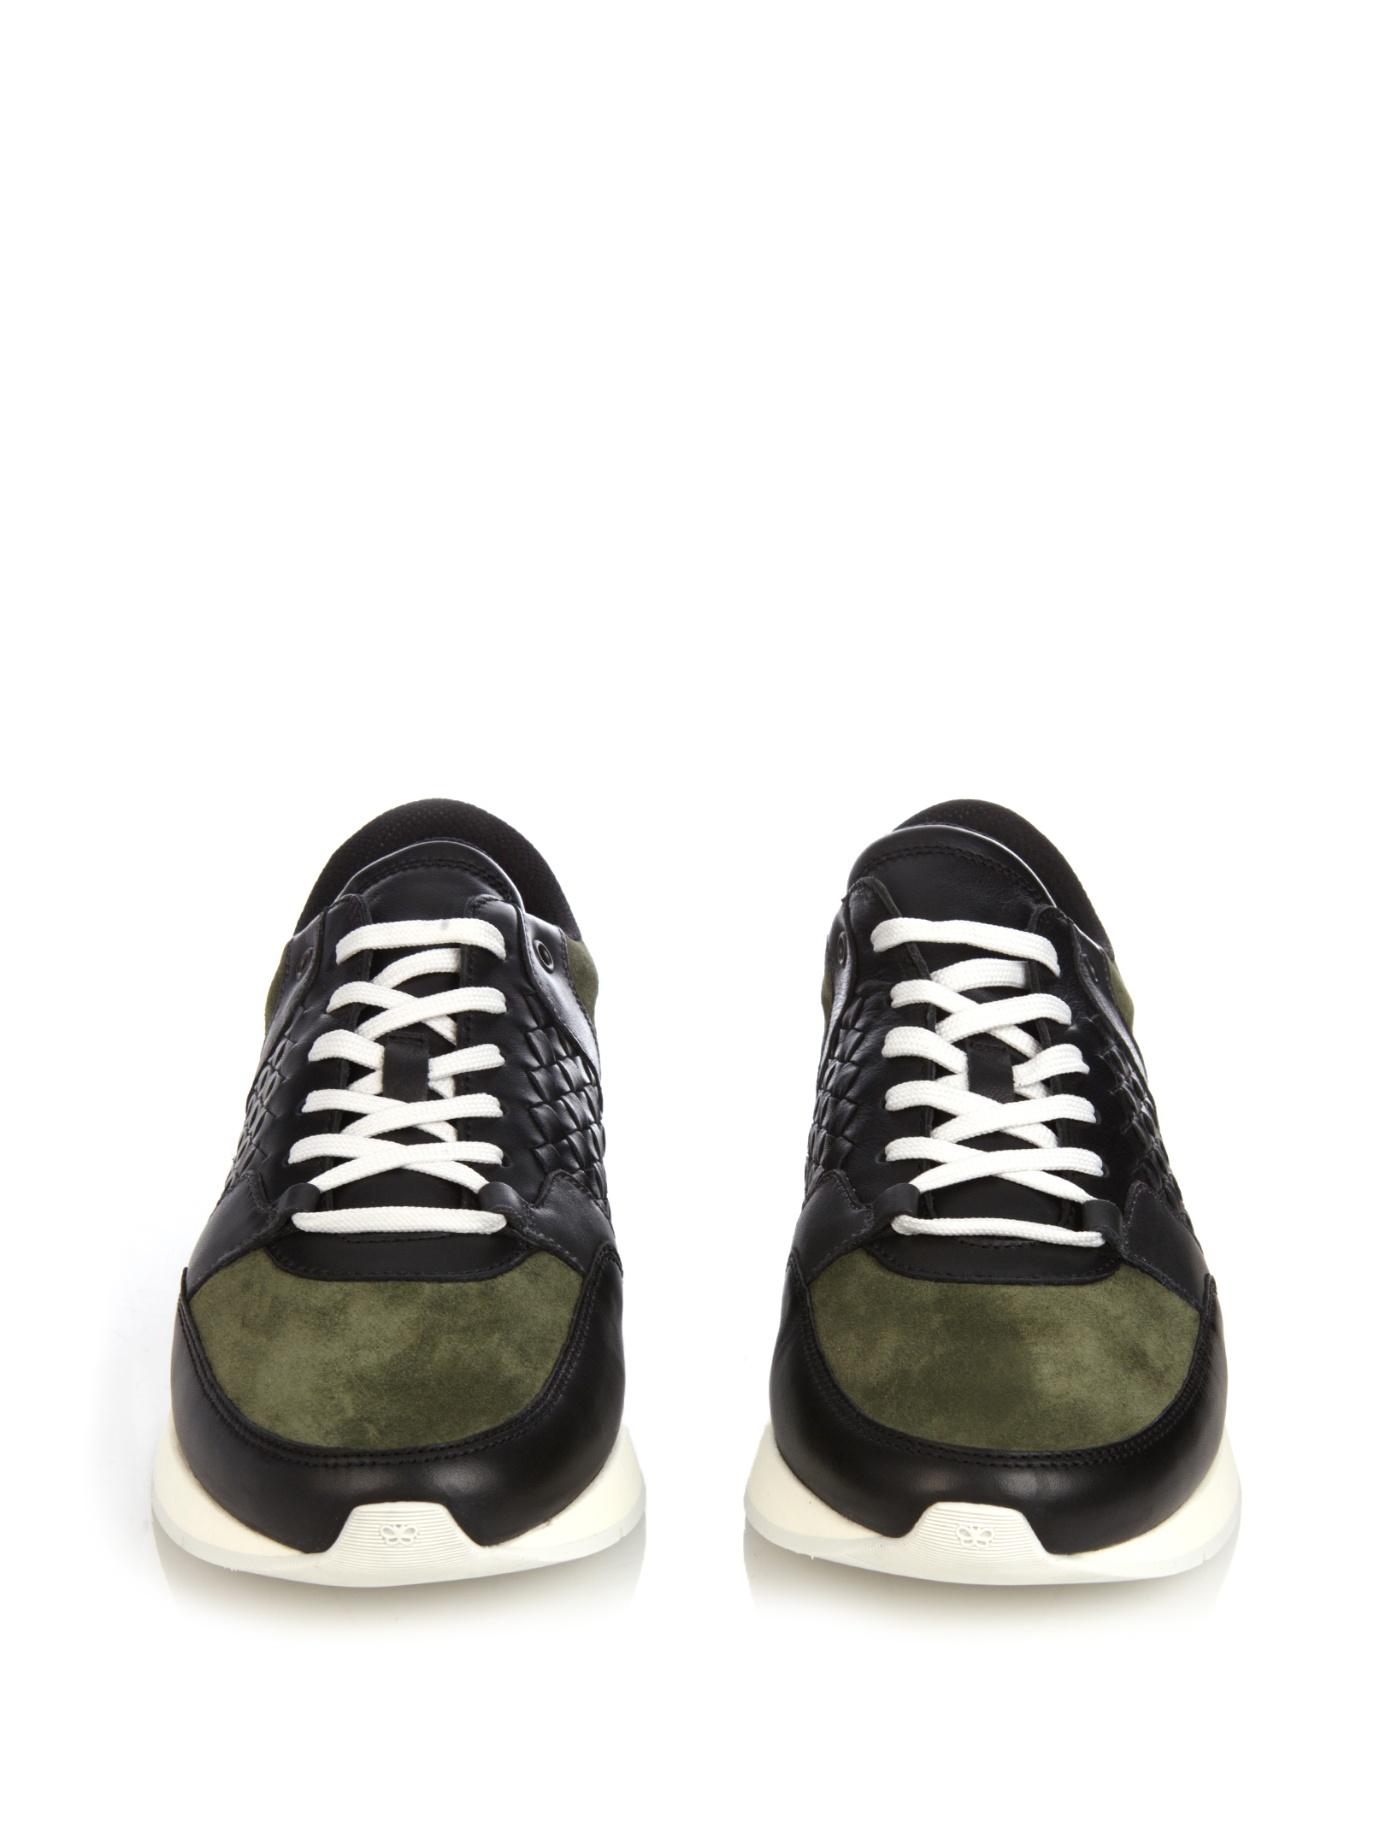 Bottega Veneta Green Suede Shoes Men